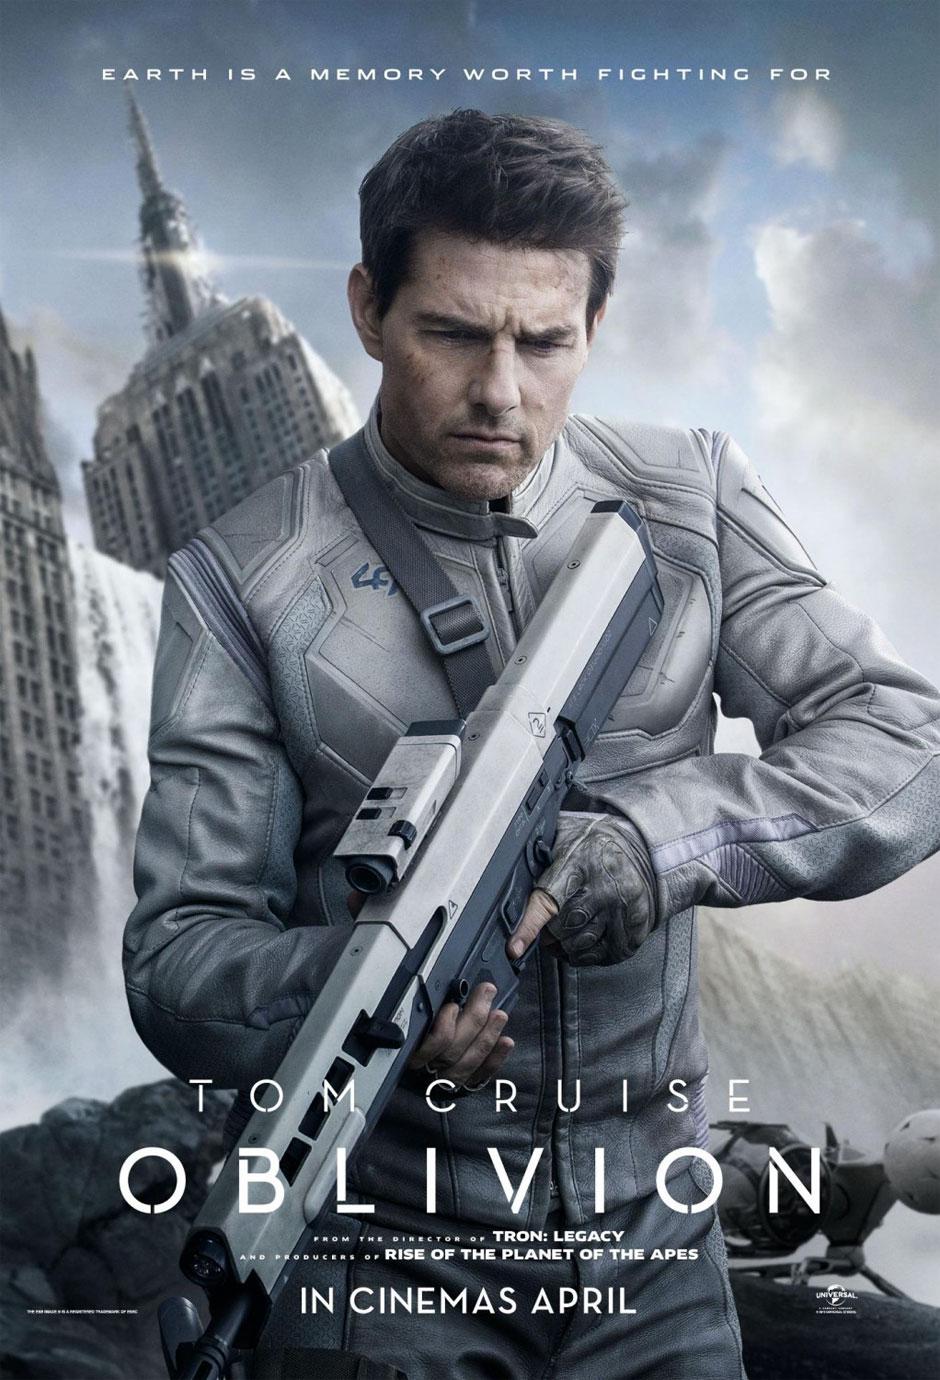 """টম ক্রুজের বক্স অফিস কাঁপানো নতুন মুভি """"Oblivion"""" ! ফ্রি-তে ডাউনলোড করুন এখুনি !!"""